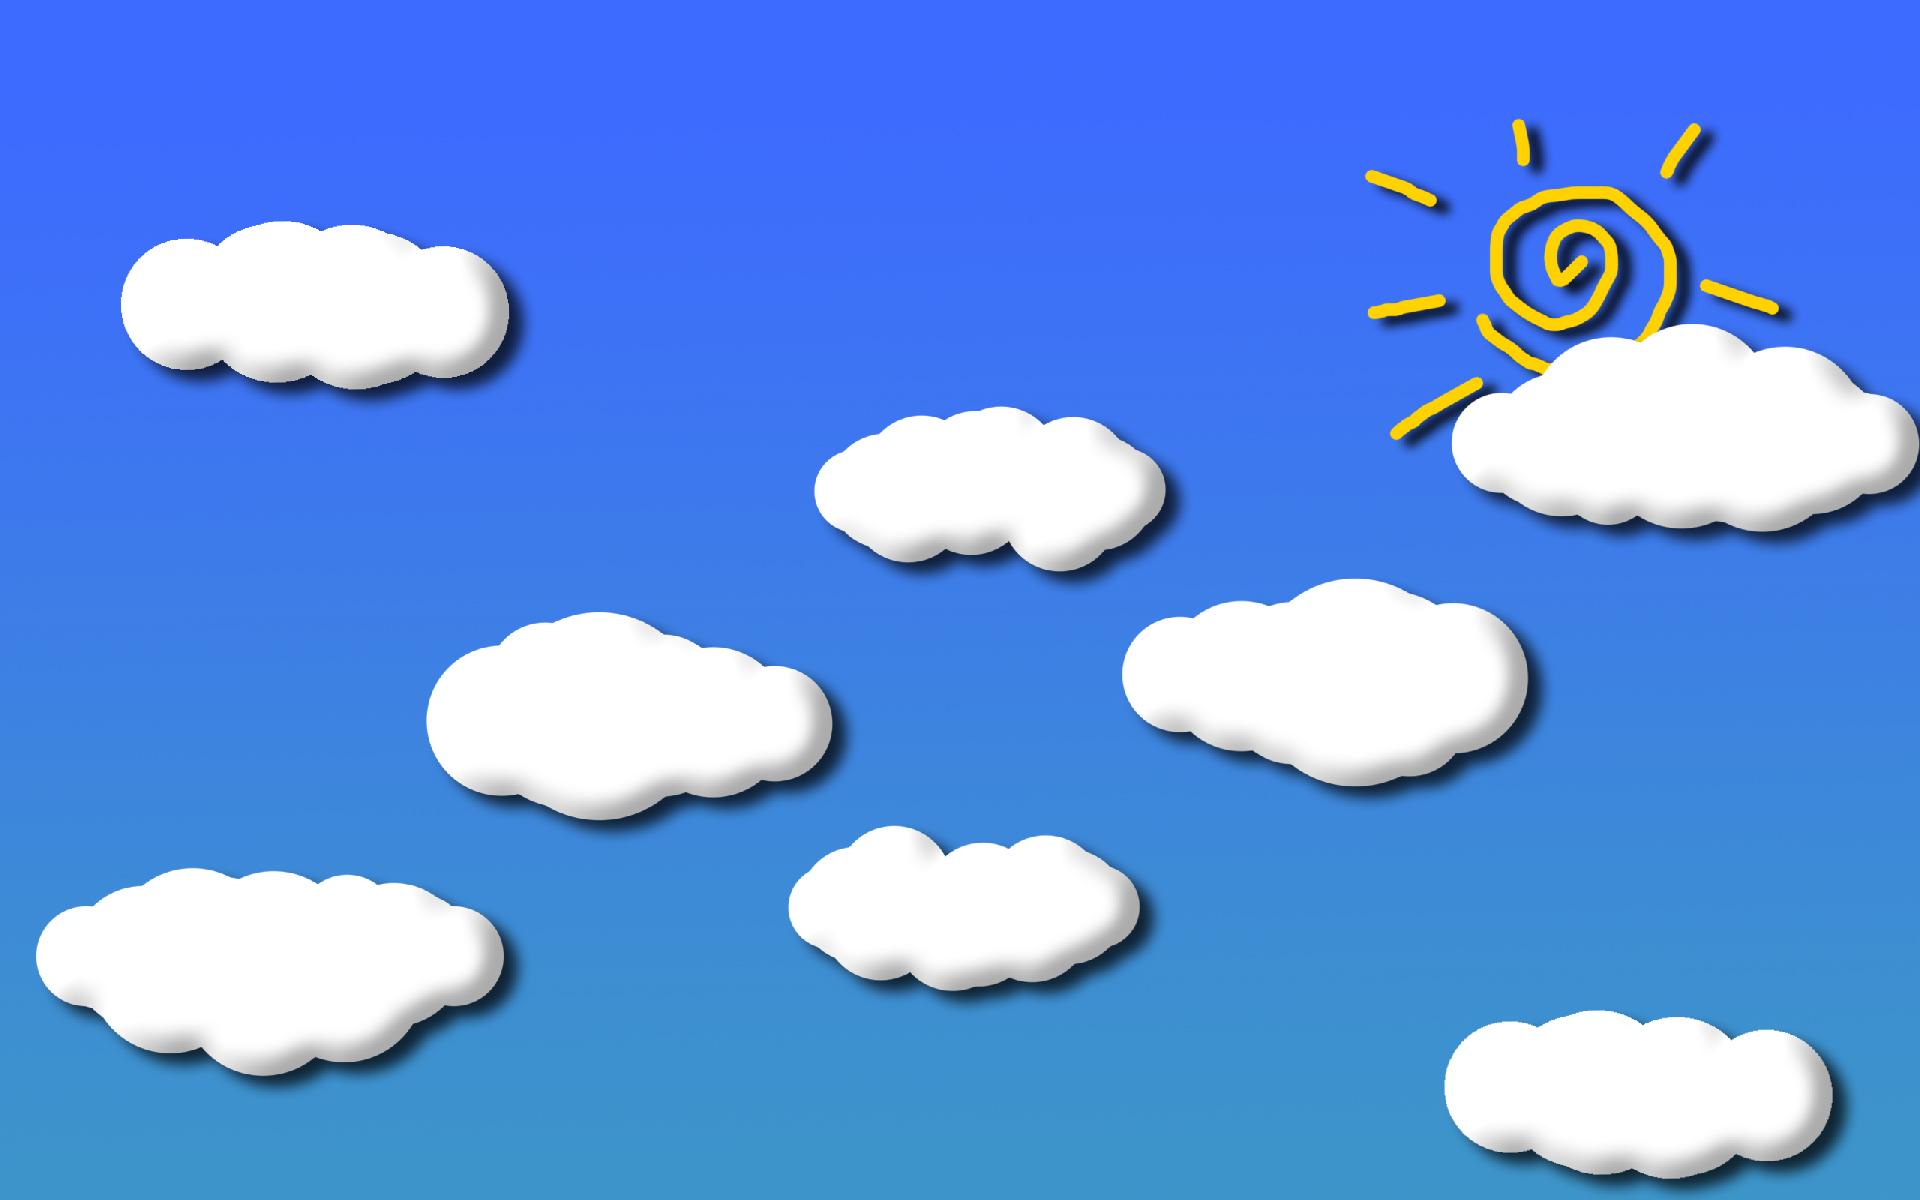 雲と太陽のイラスト 雲と太陽のイラスト - 画像素材|ジーソザイ 雲と太陽のイラストの画像素材を